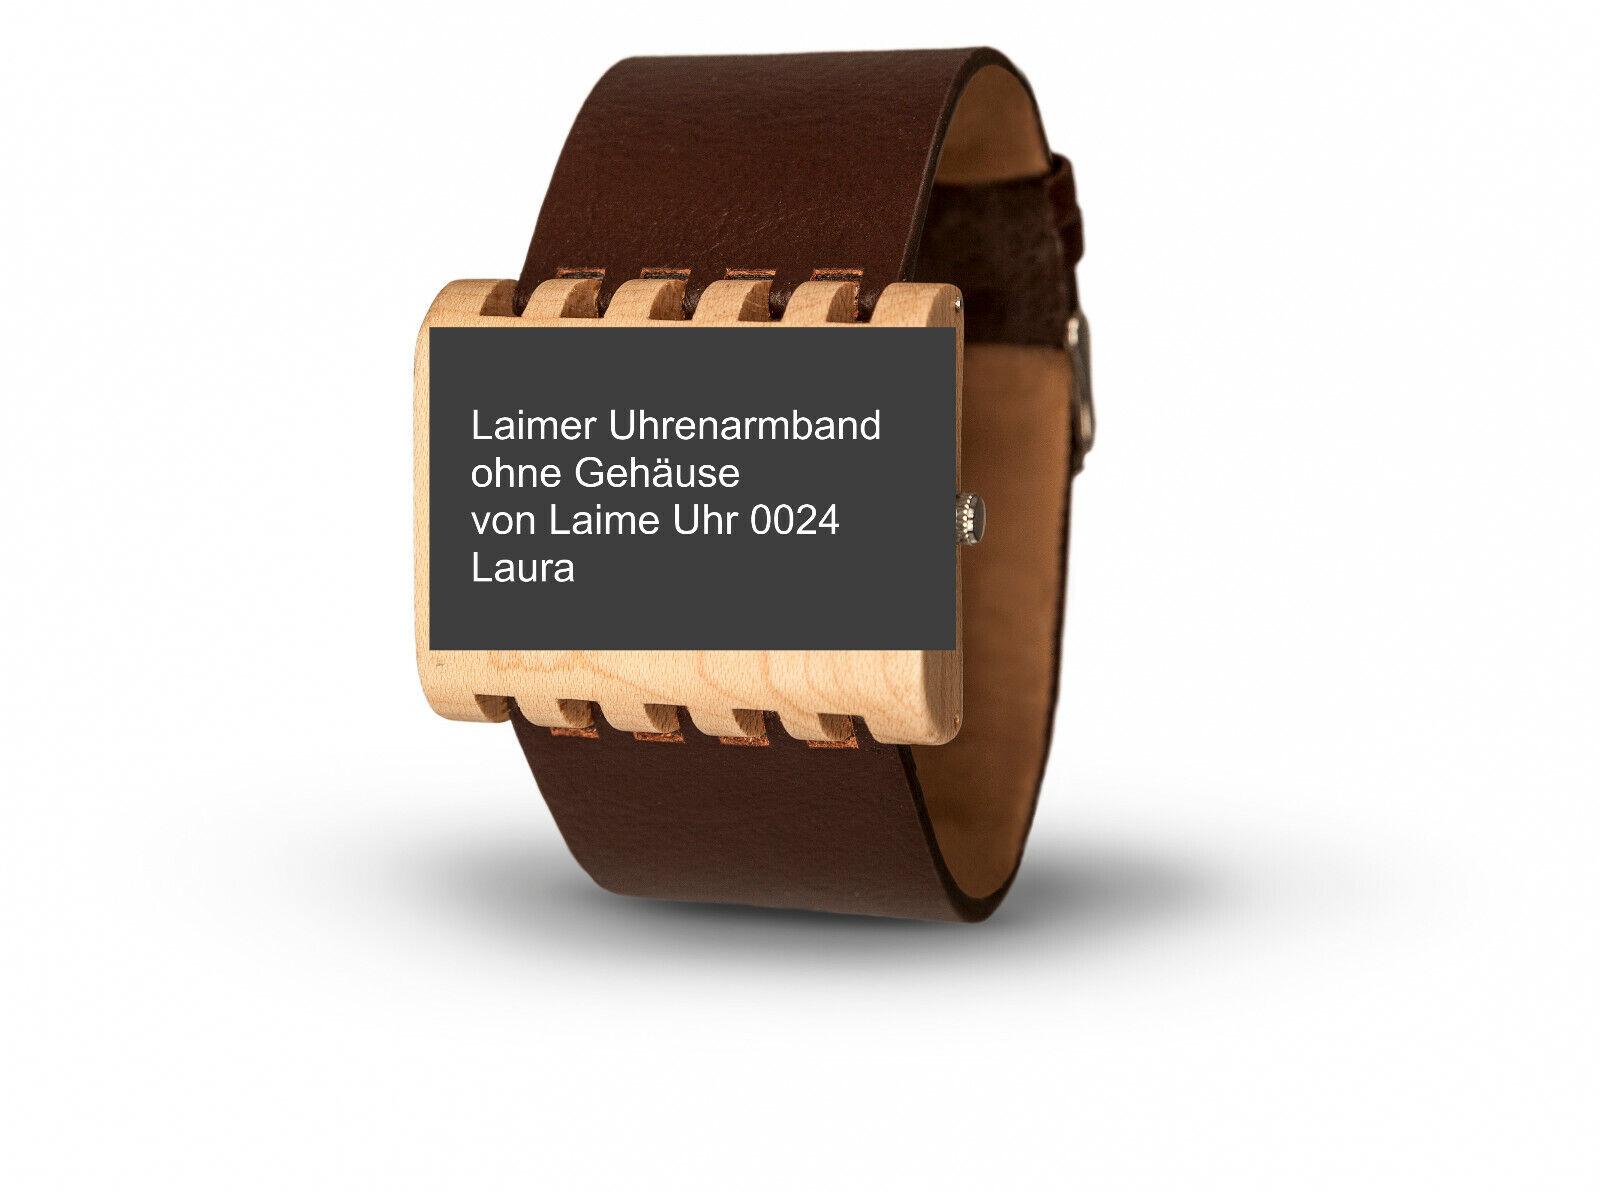 Laimer Uhrenarmband, Armband 35 mm Breit Dornschließe braun f Modell 0024 LAURA